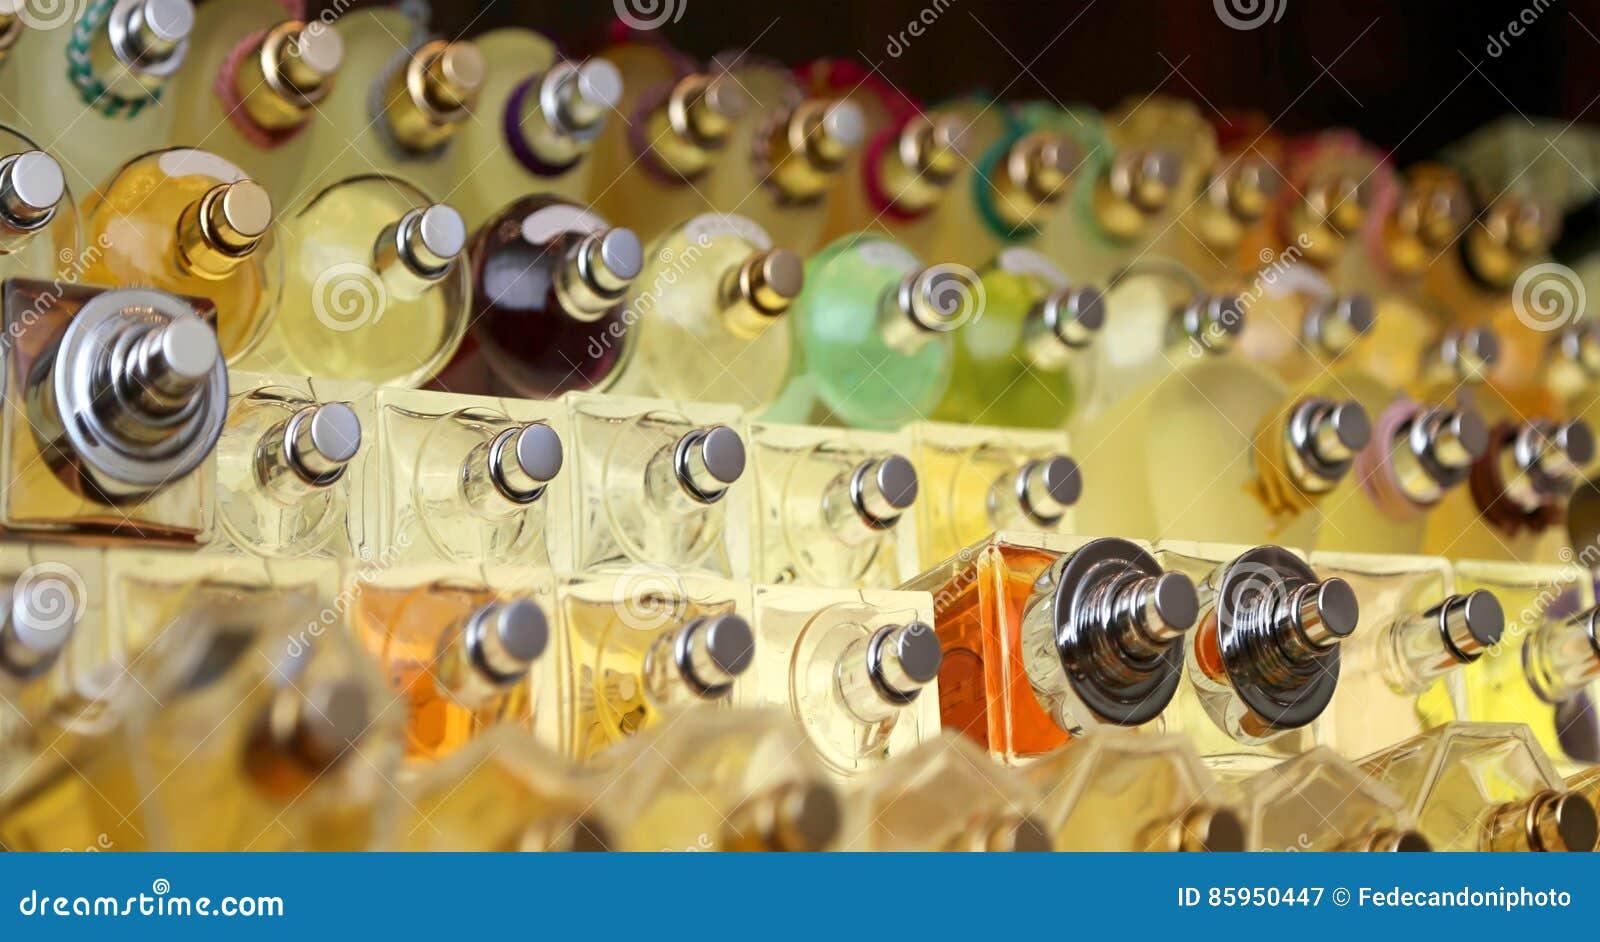 Parfümflaschen in der Firma, die Parfüme und Duft macht